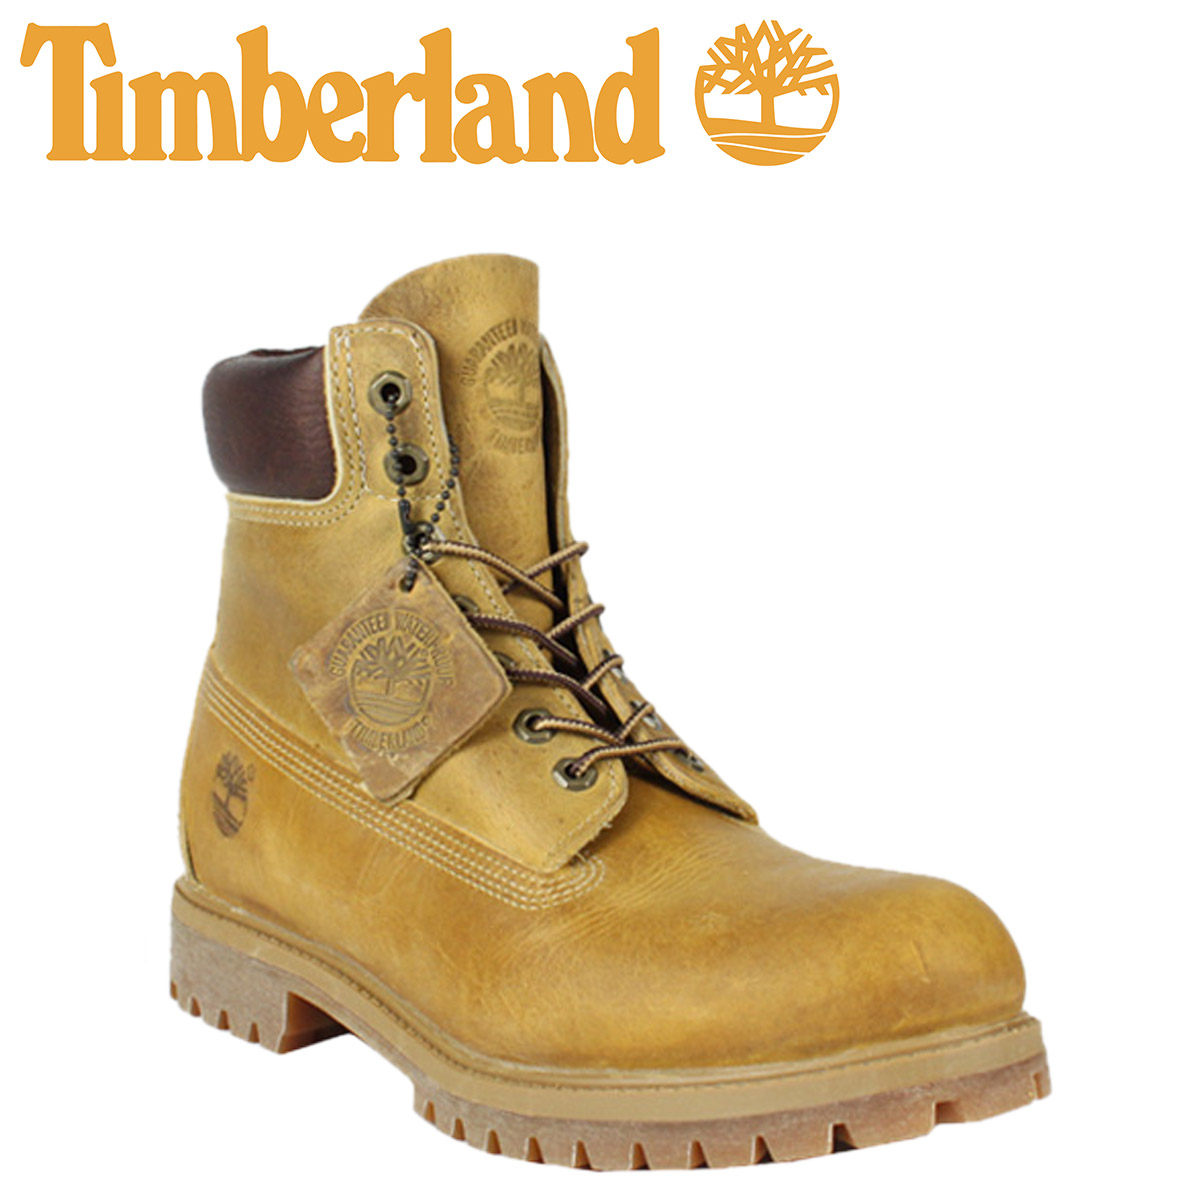 Herencia Clásica Prima De 6 Pulgadas Opinión Arranque Impermeable De Los Hombres De Timberland MFqw3